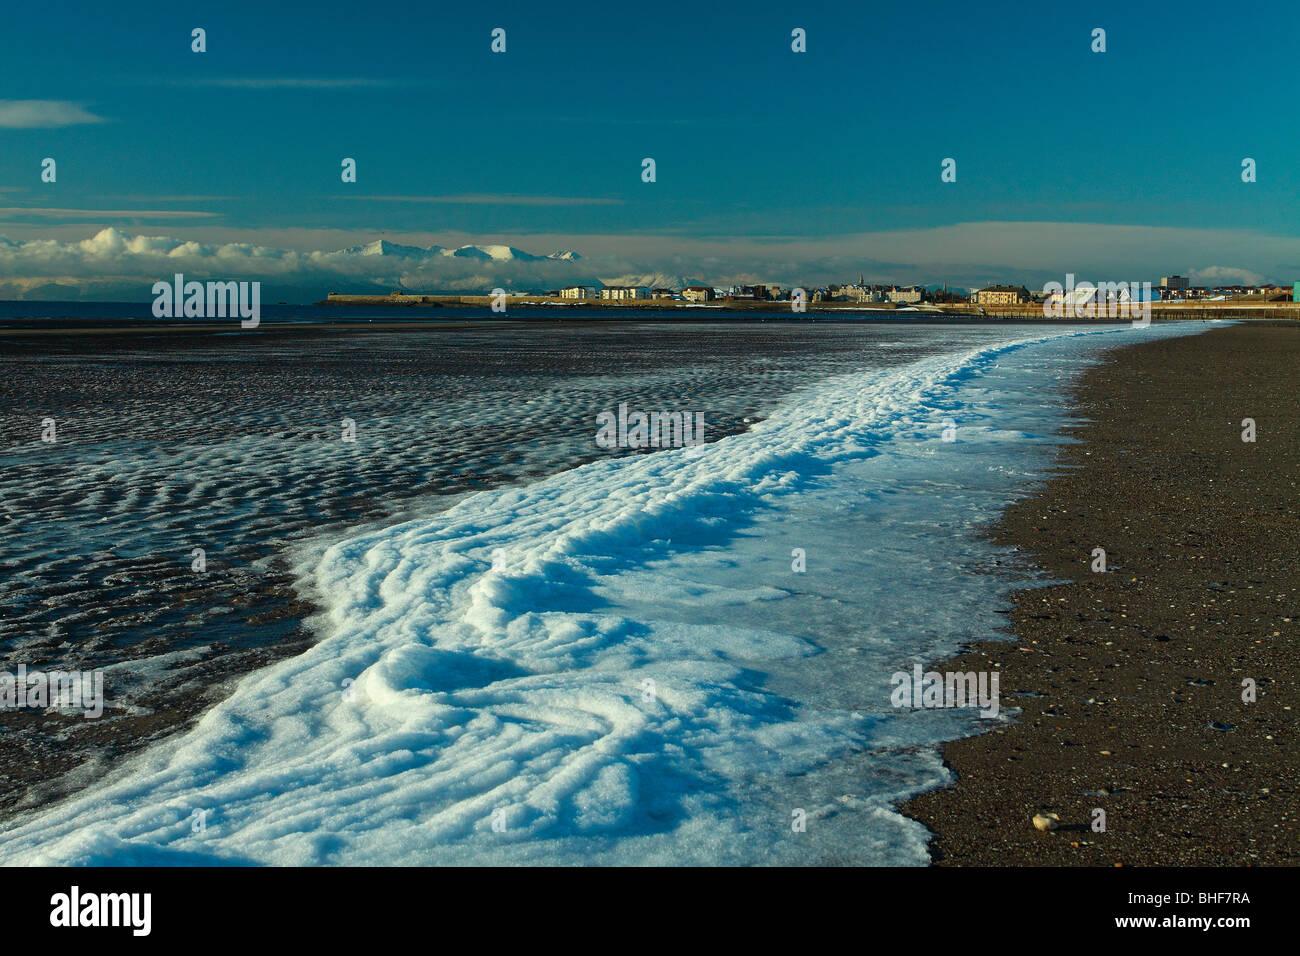 La neige sur la plage à Stevenston à Saltcoats vers sur l'Arran et Sentier du littoral de l'Ayrshire Ayrshire en Écosse Banque D'Images